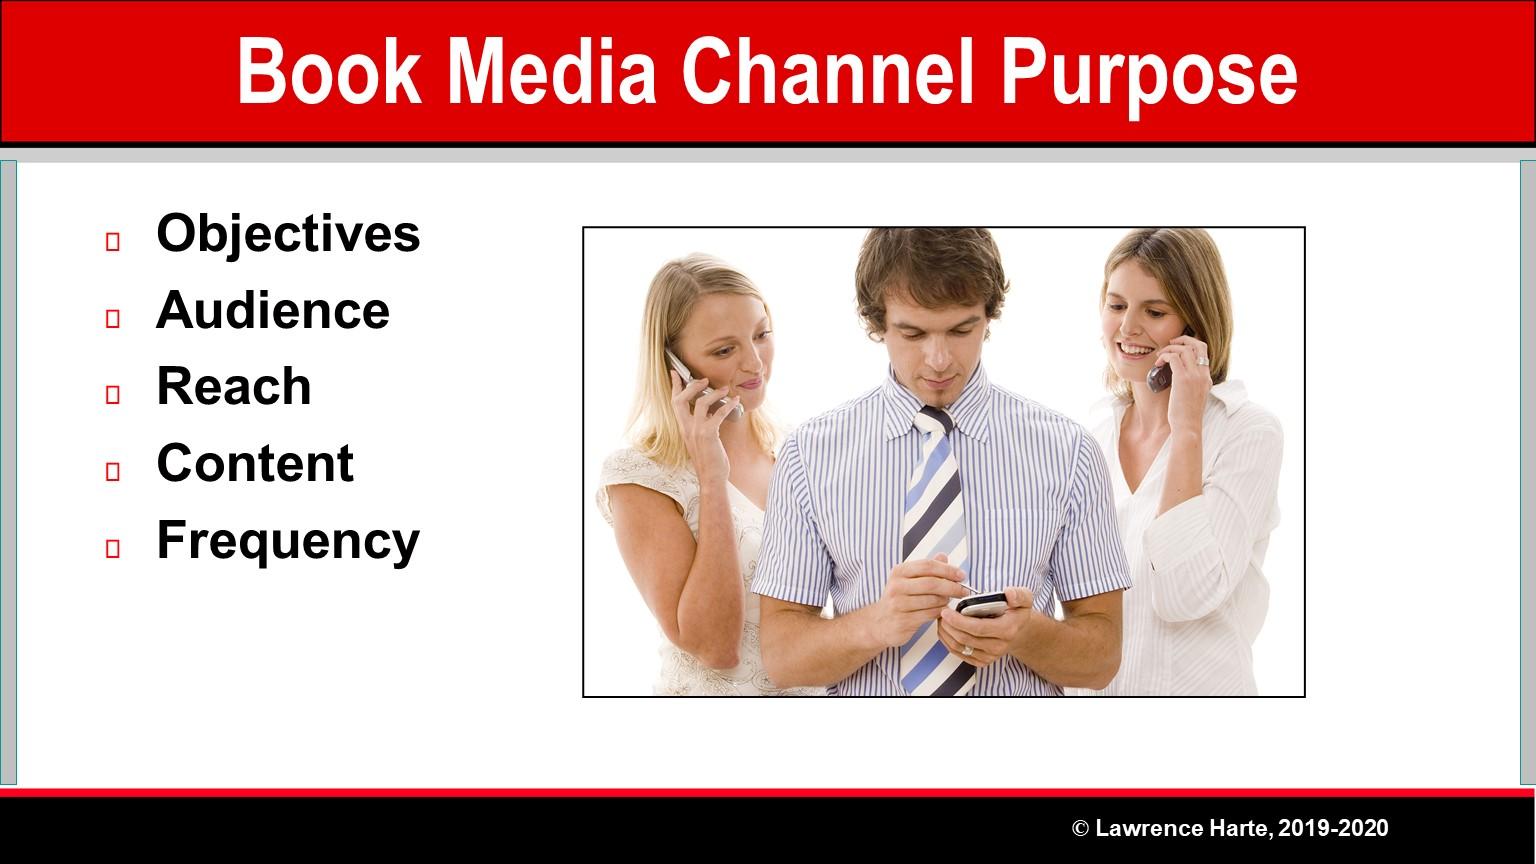 Book Pre-Launch Marketing Media Channel Purpose